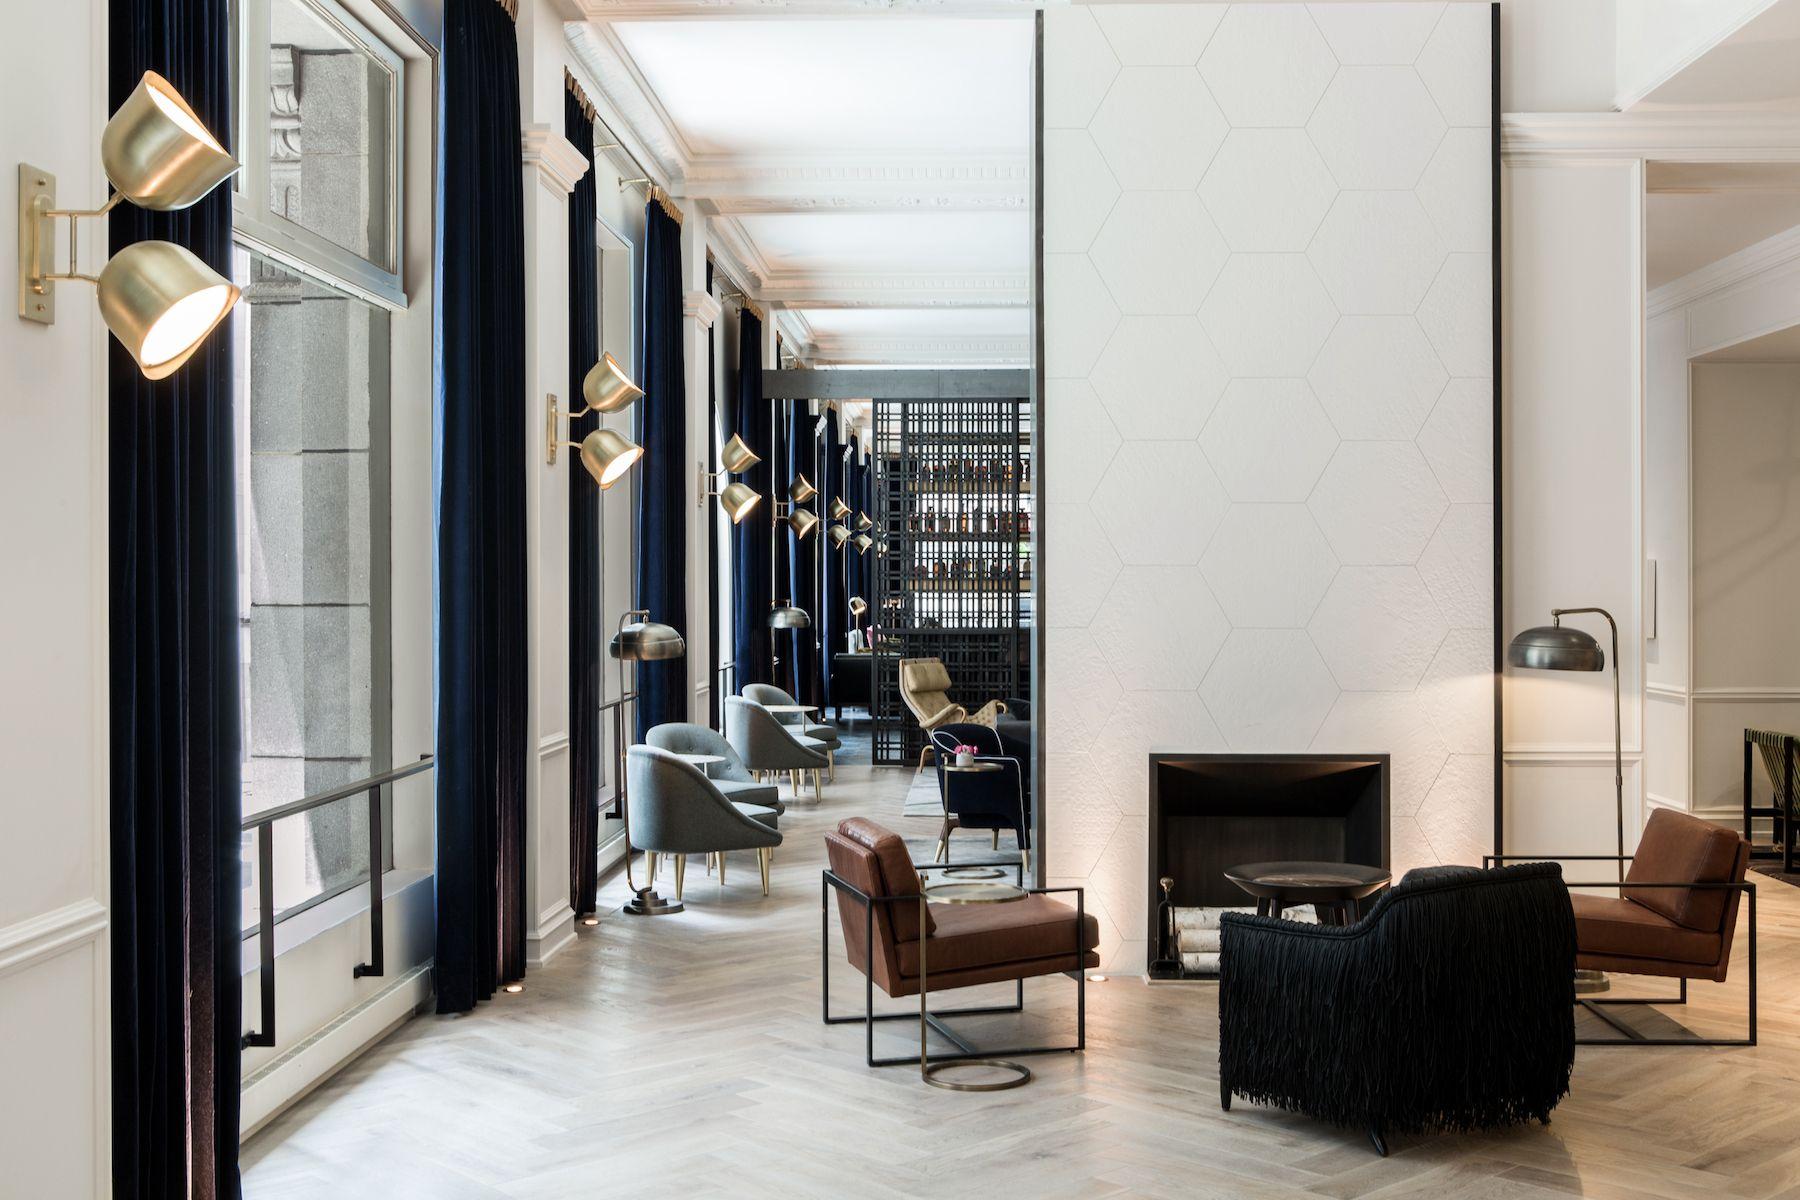 The Gray hotel - Chicago, USA   交誼廳   Pinterest   Möbel und Designs